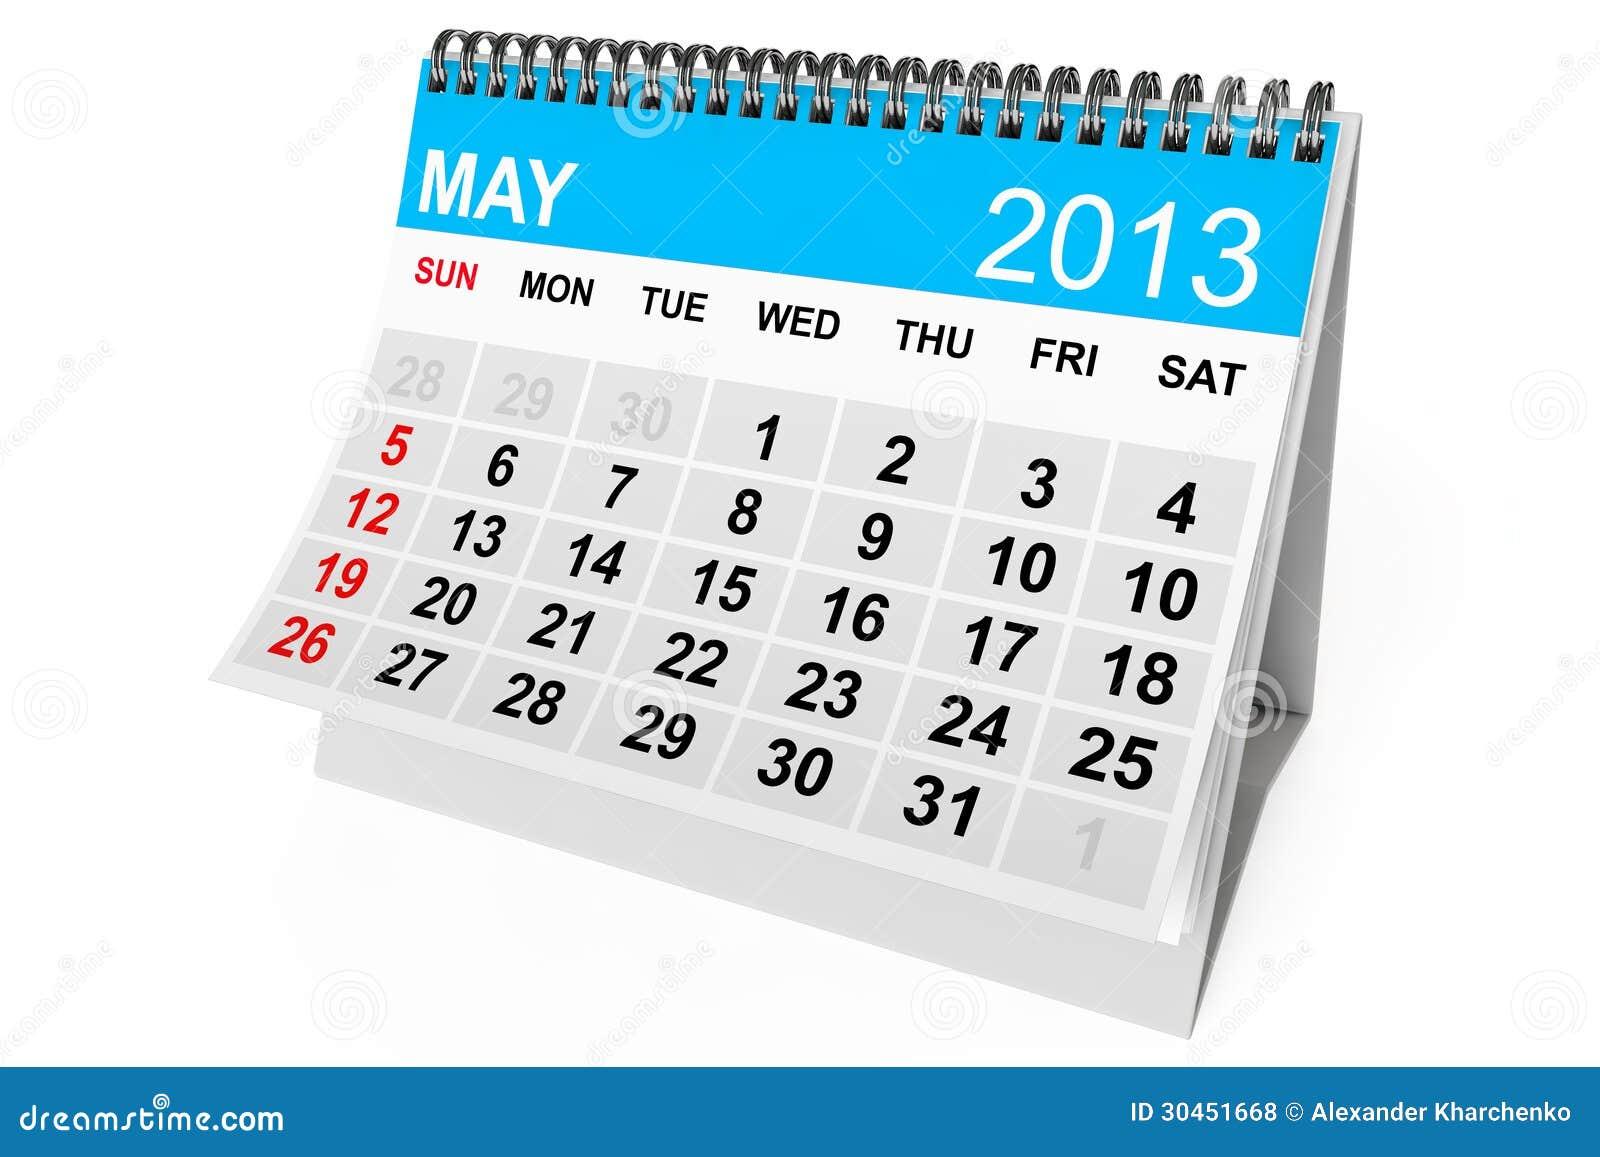 май 2013 год календарь: